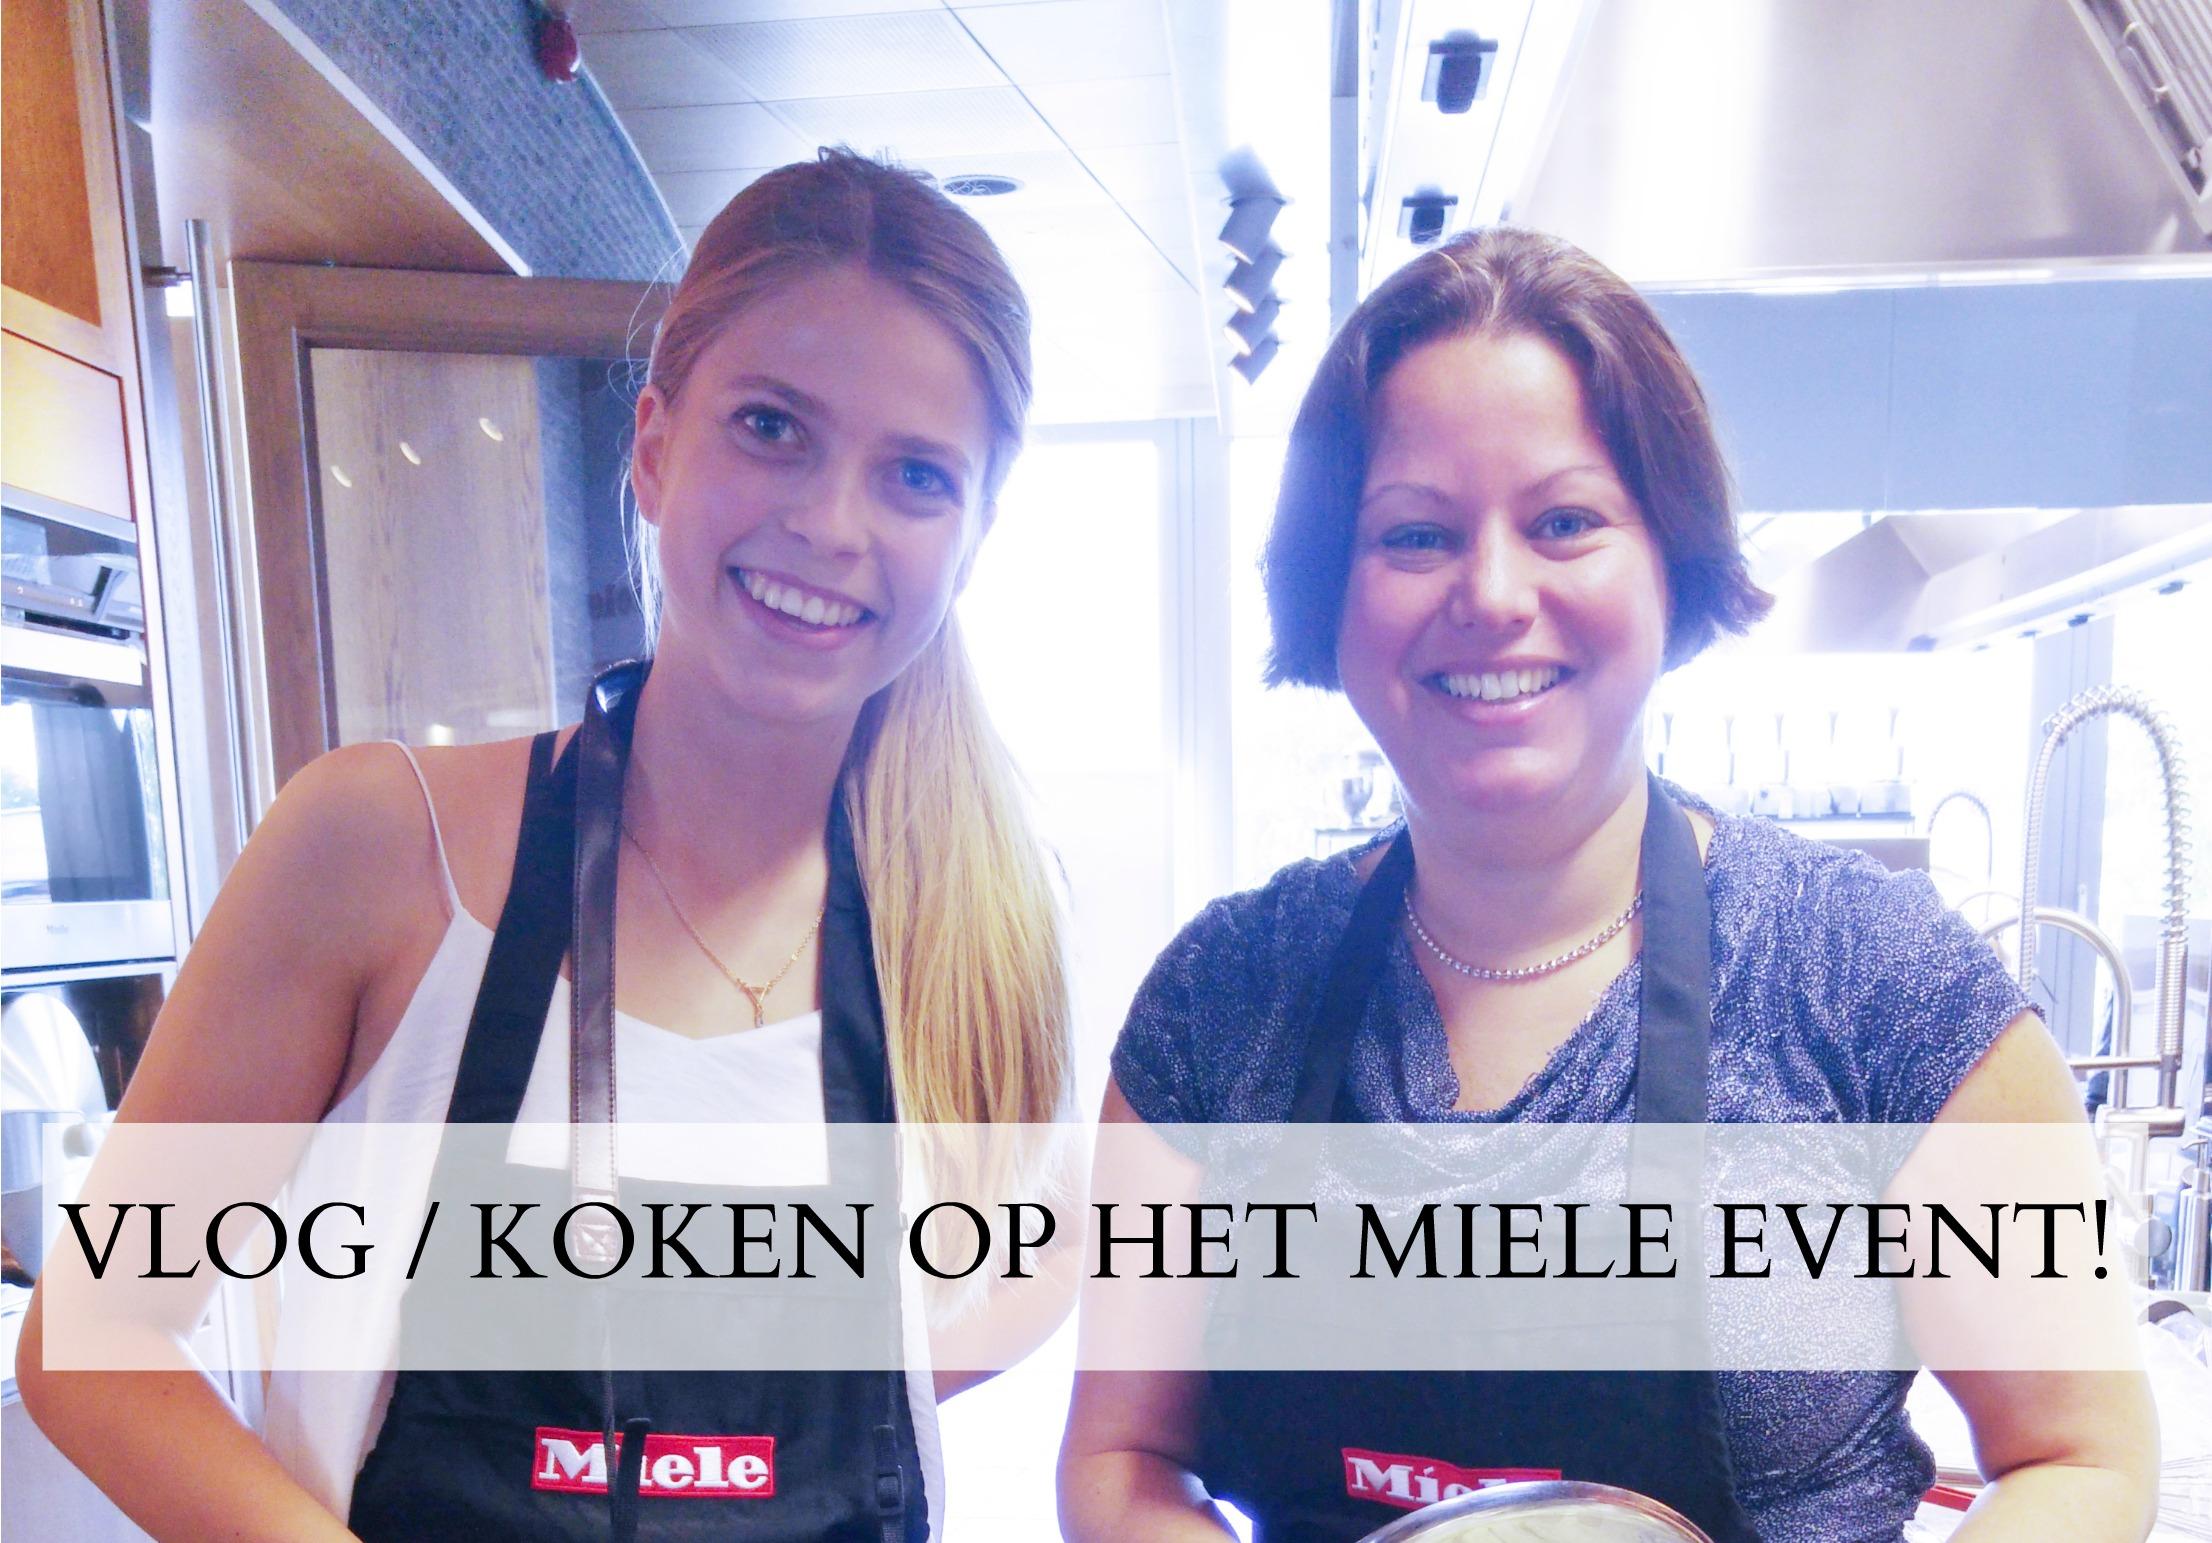 Keuken Inspiratie Evenement Miele : VLOG Koken op het Miele event! GlowofbeautyGlowofbeauty